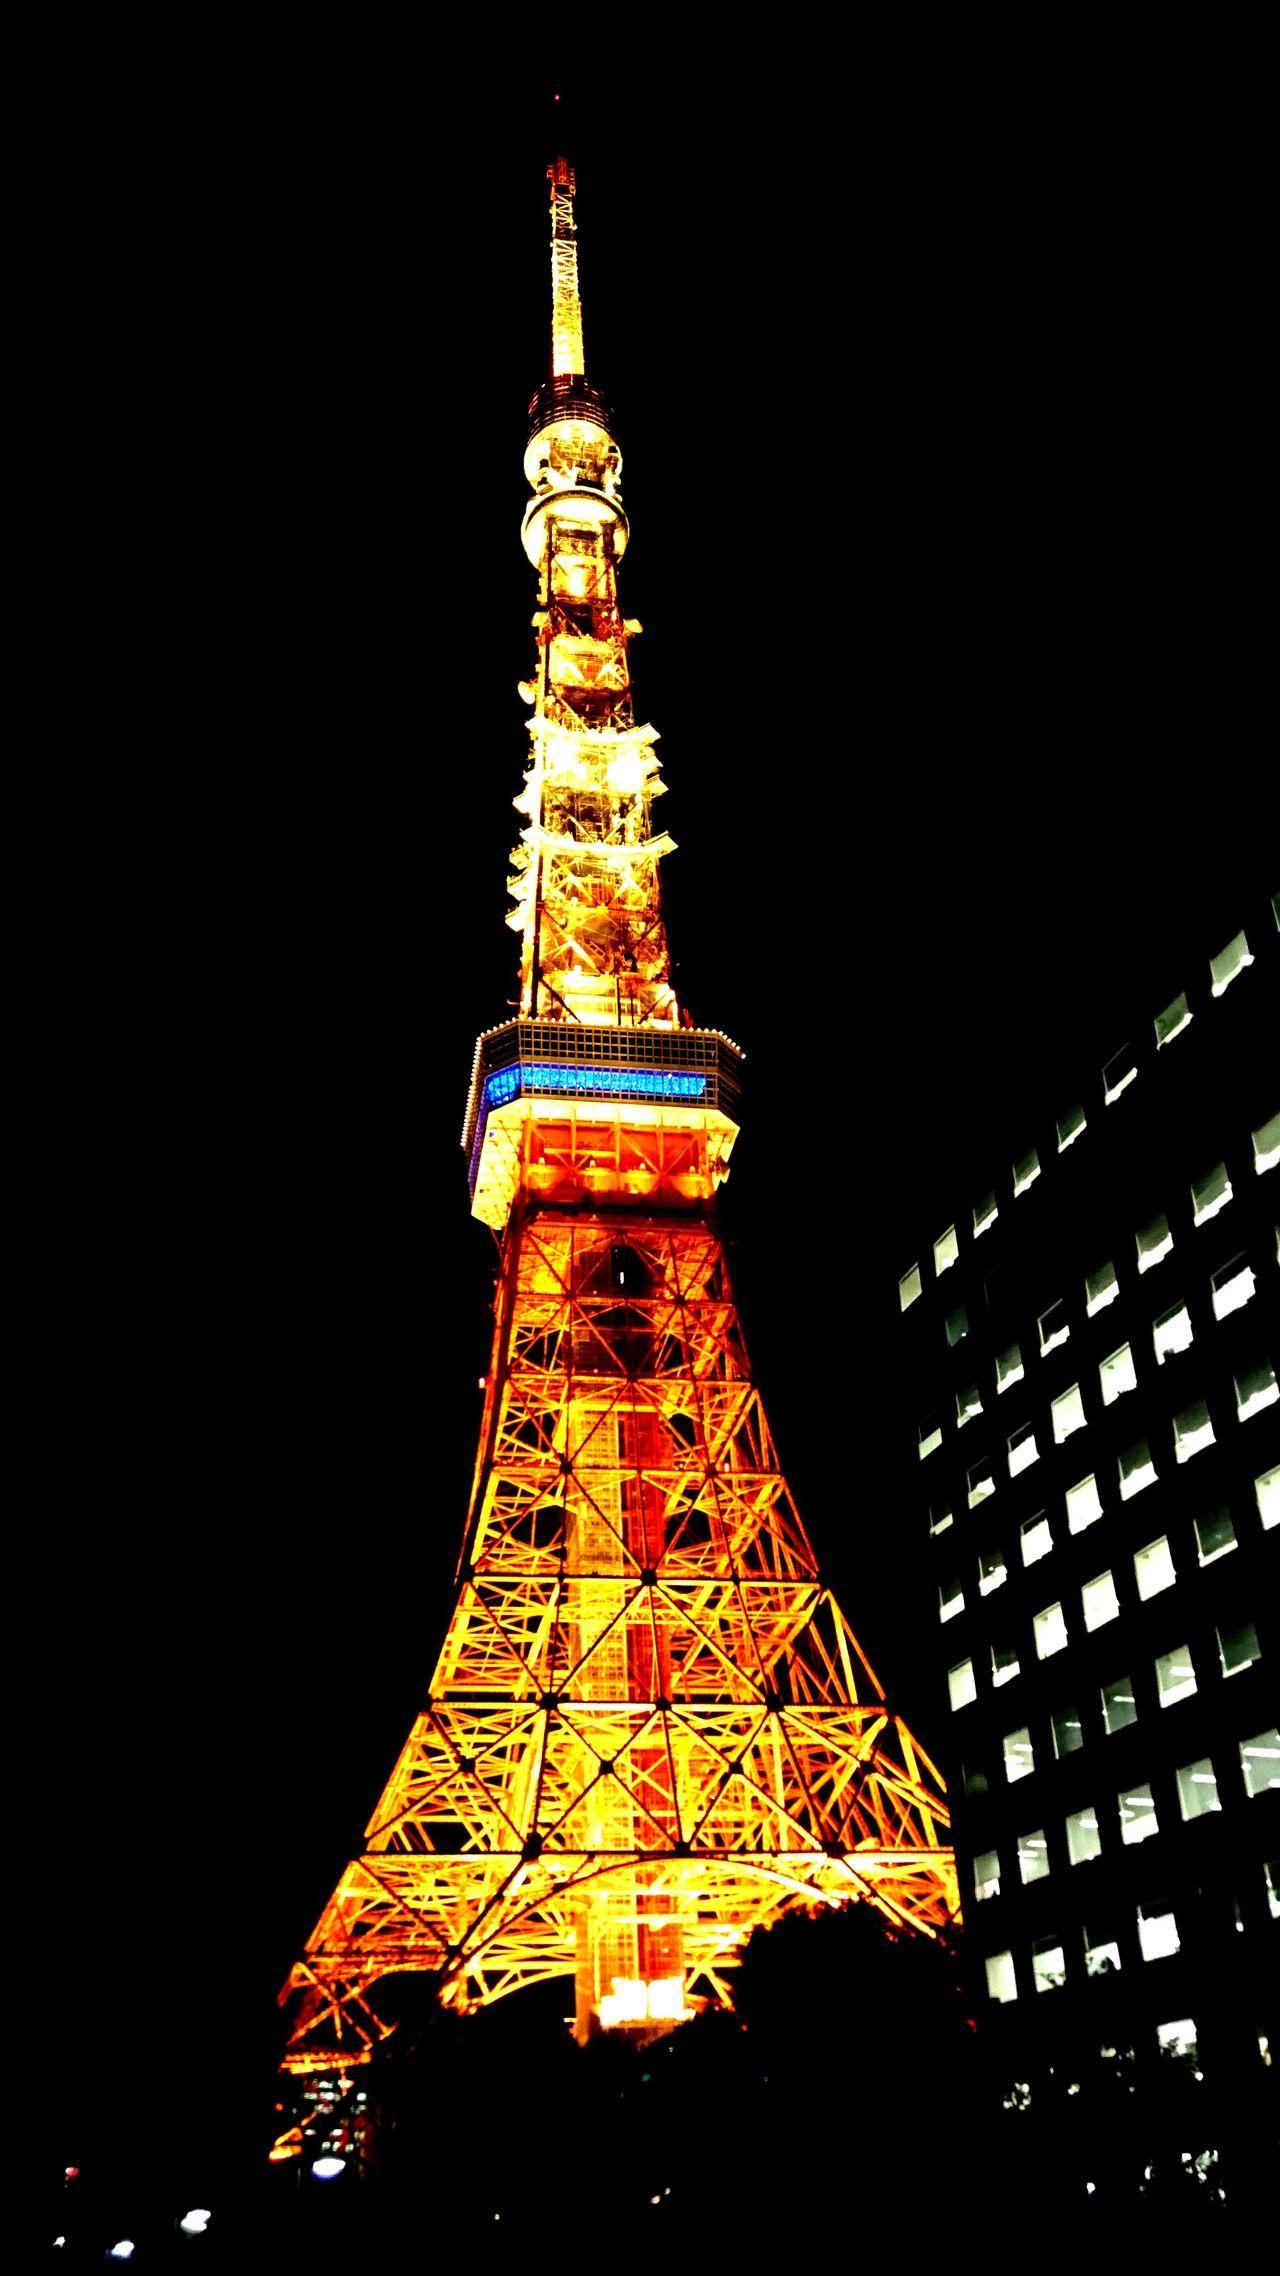 東京タワー Tokyo Tower 夜景 Night View